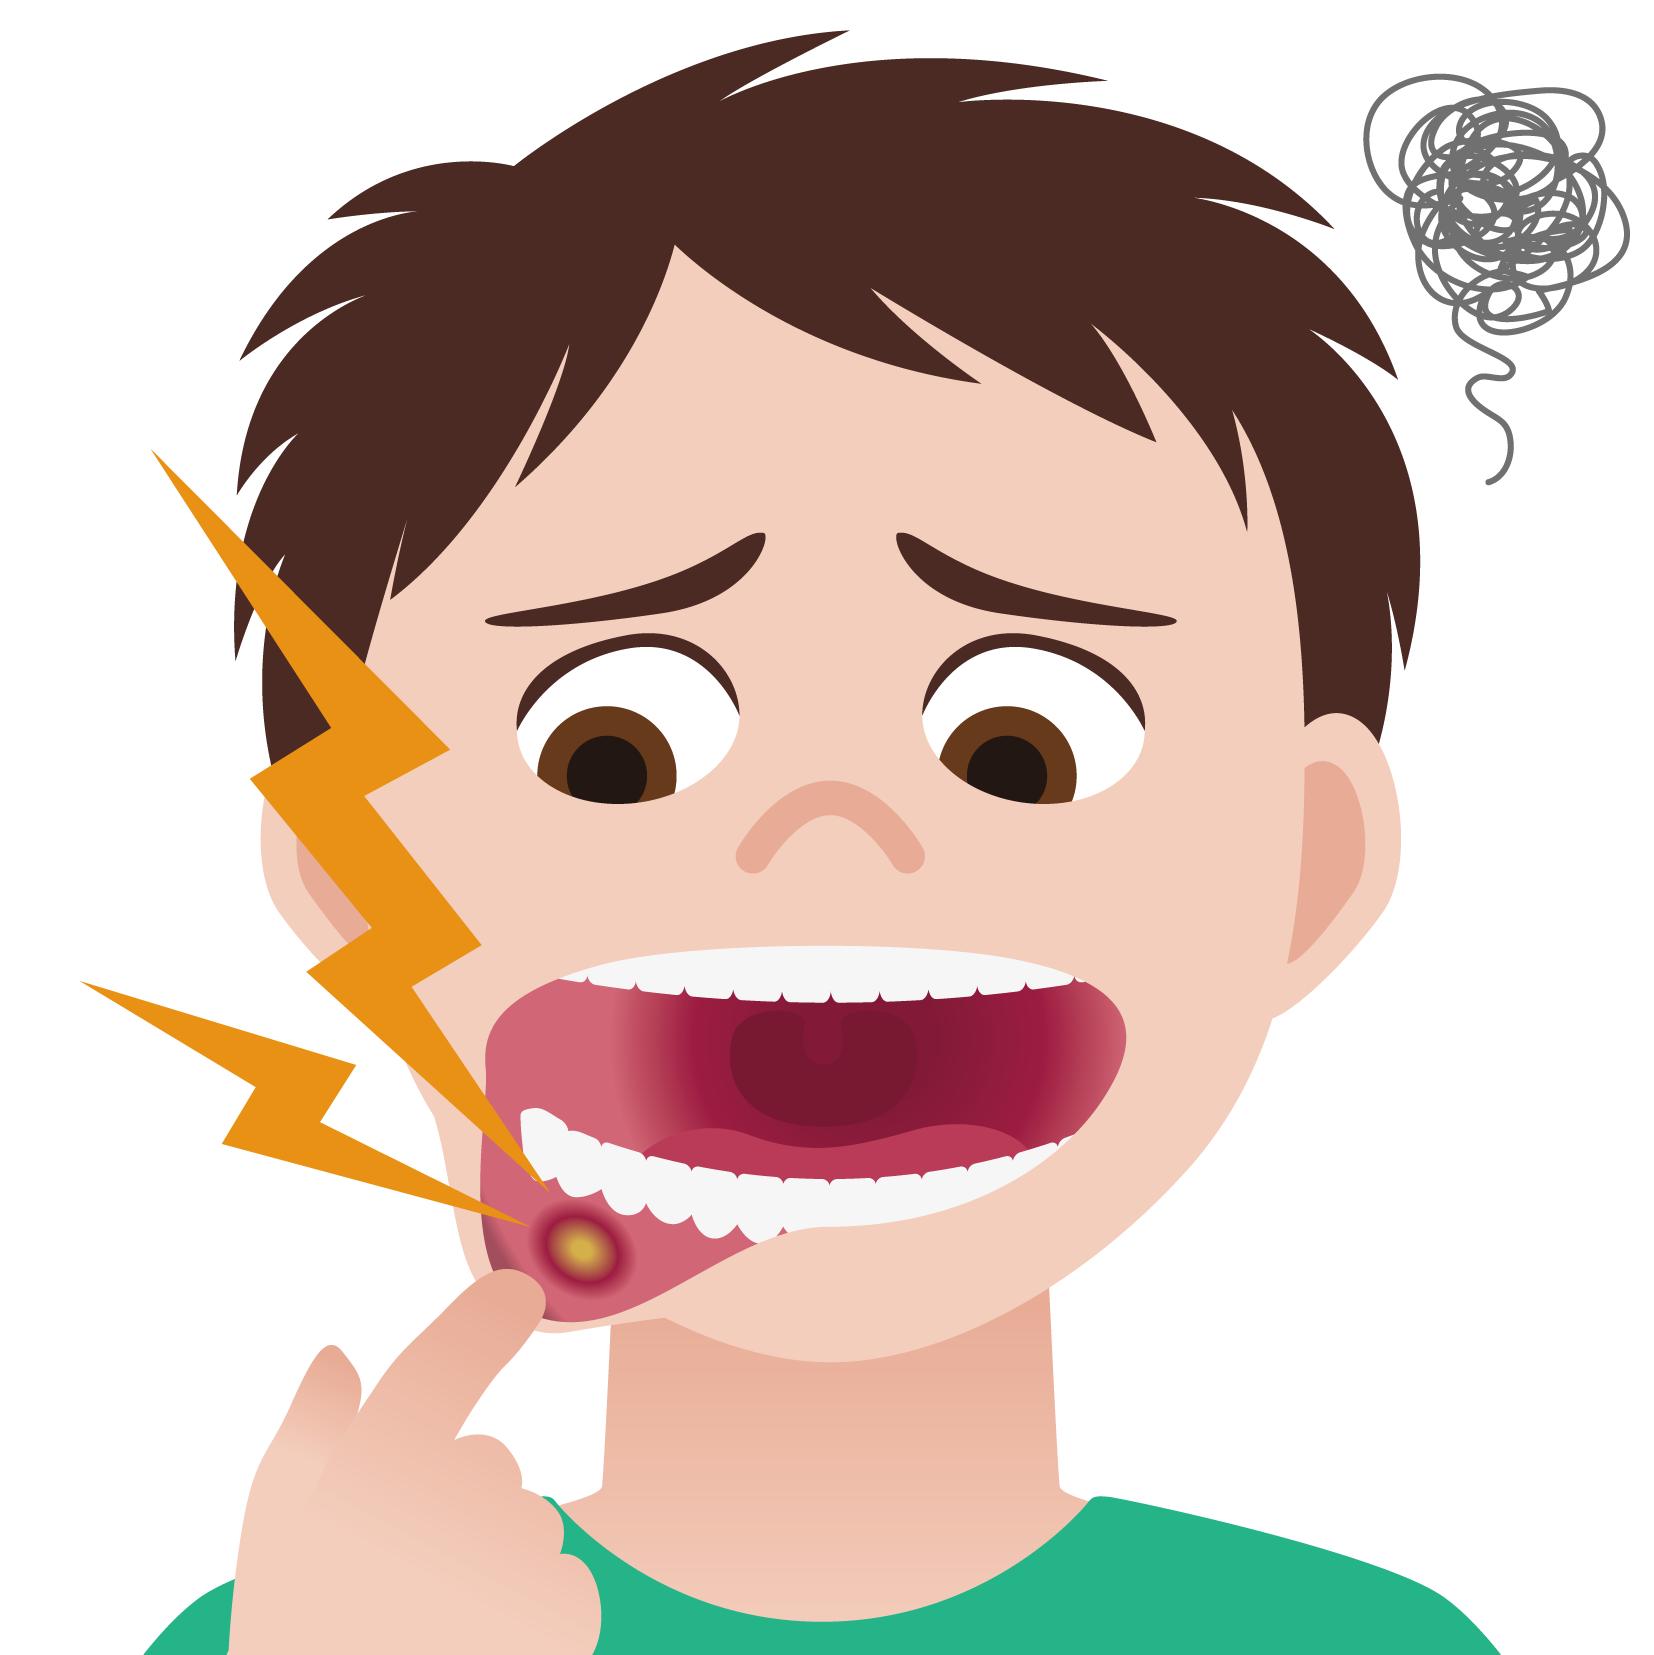 単純ヘルペス感染症 – 学校で予防すべき感染症シリーズ ...